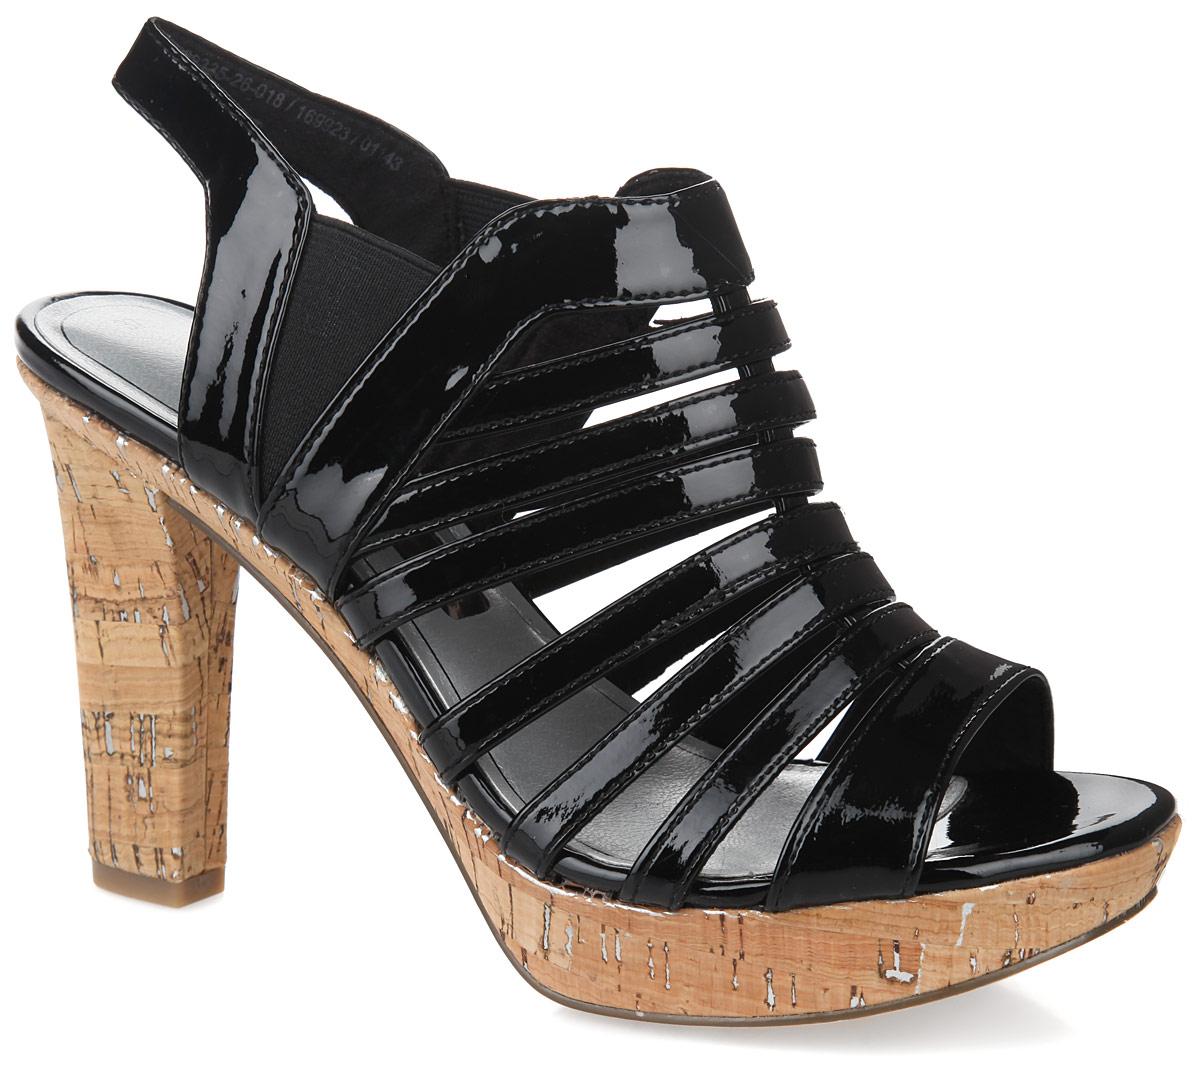 Босоножки. 1-1-28335-26-0181-1-28335-26-018Стильные босоножки от Tamaris займут достойное место в вашем летнем гардеробе. Модель выполнена из искусственной лакированной кожи. Эластичные вставки по бокам обеспечивают идеальную посадку модели на ноге. Стелька из искусственной кожи, дополненная названием бренда, комфортна при ходьбе. Высокий каблук, стилизованный под дерево, компенсирован небольшой платформой. Рифление на подошве и каблуке гарантирует отличное сцепление с любой поверхностью. Модные босоножки внесут яркие нотки в ваш наряд, позволят выделиться среди окружающих.